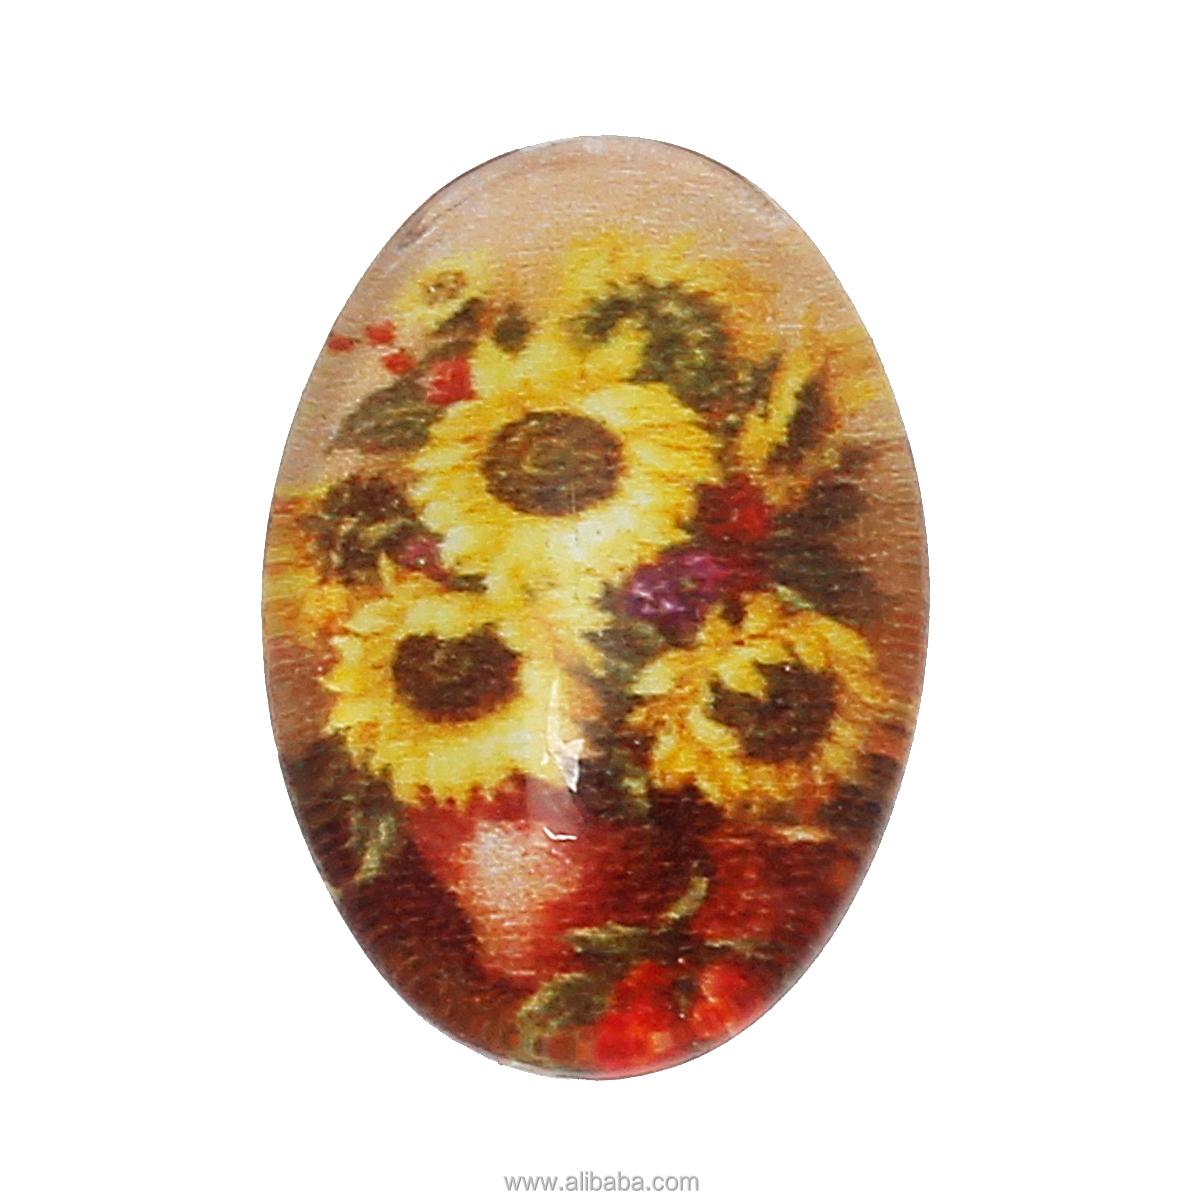 cabochons de cristal cpula seals adornos hallazgos oval flatback amarillo girasol patrn mm